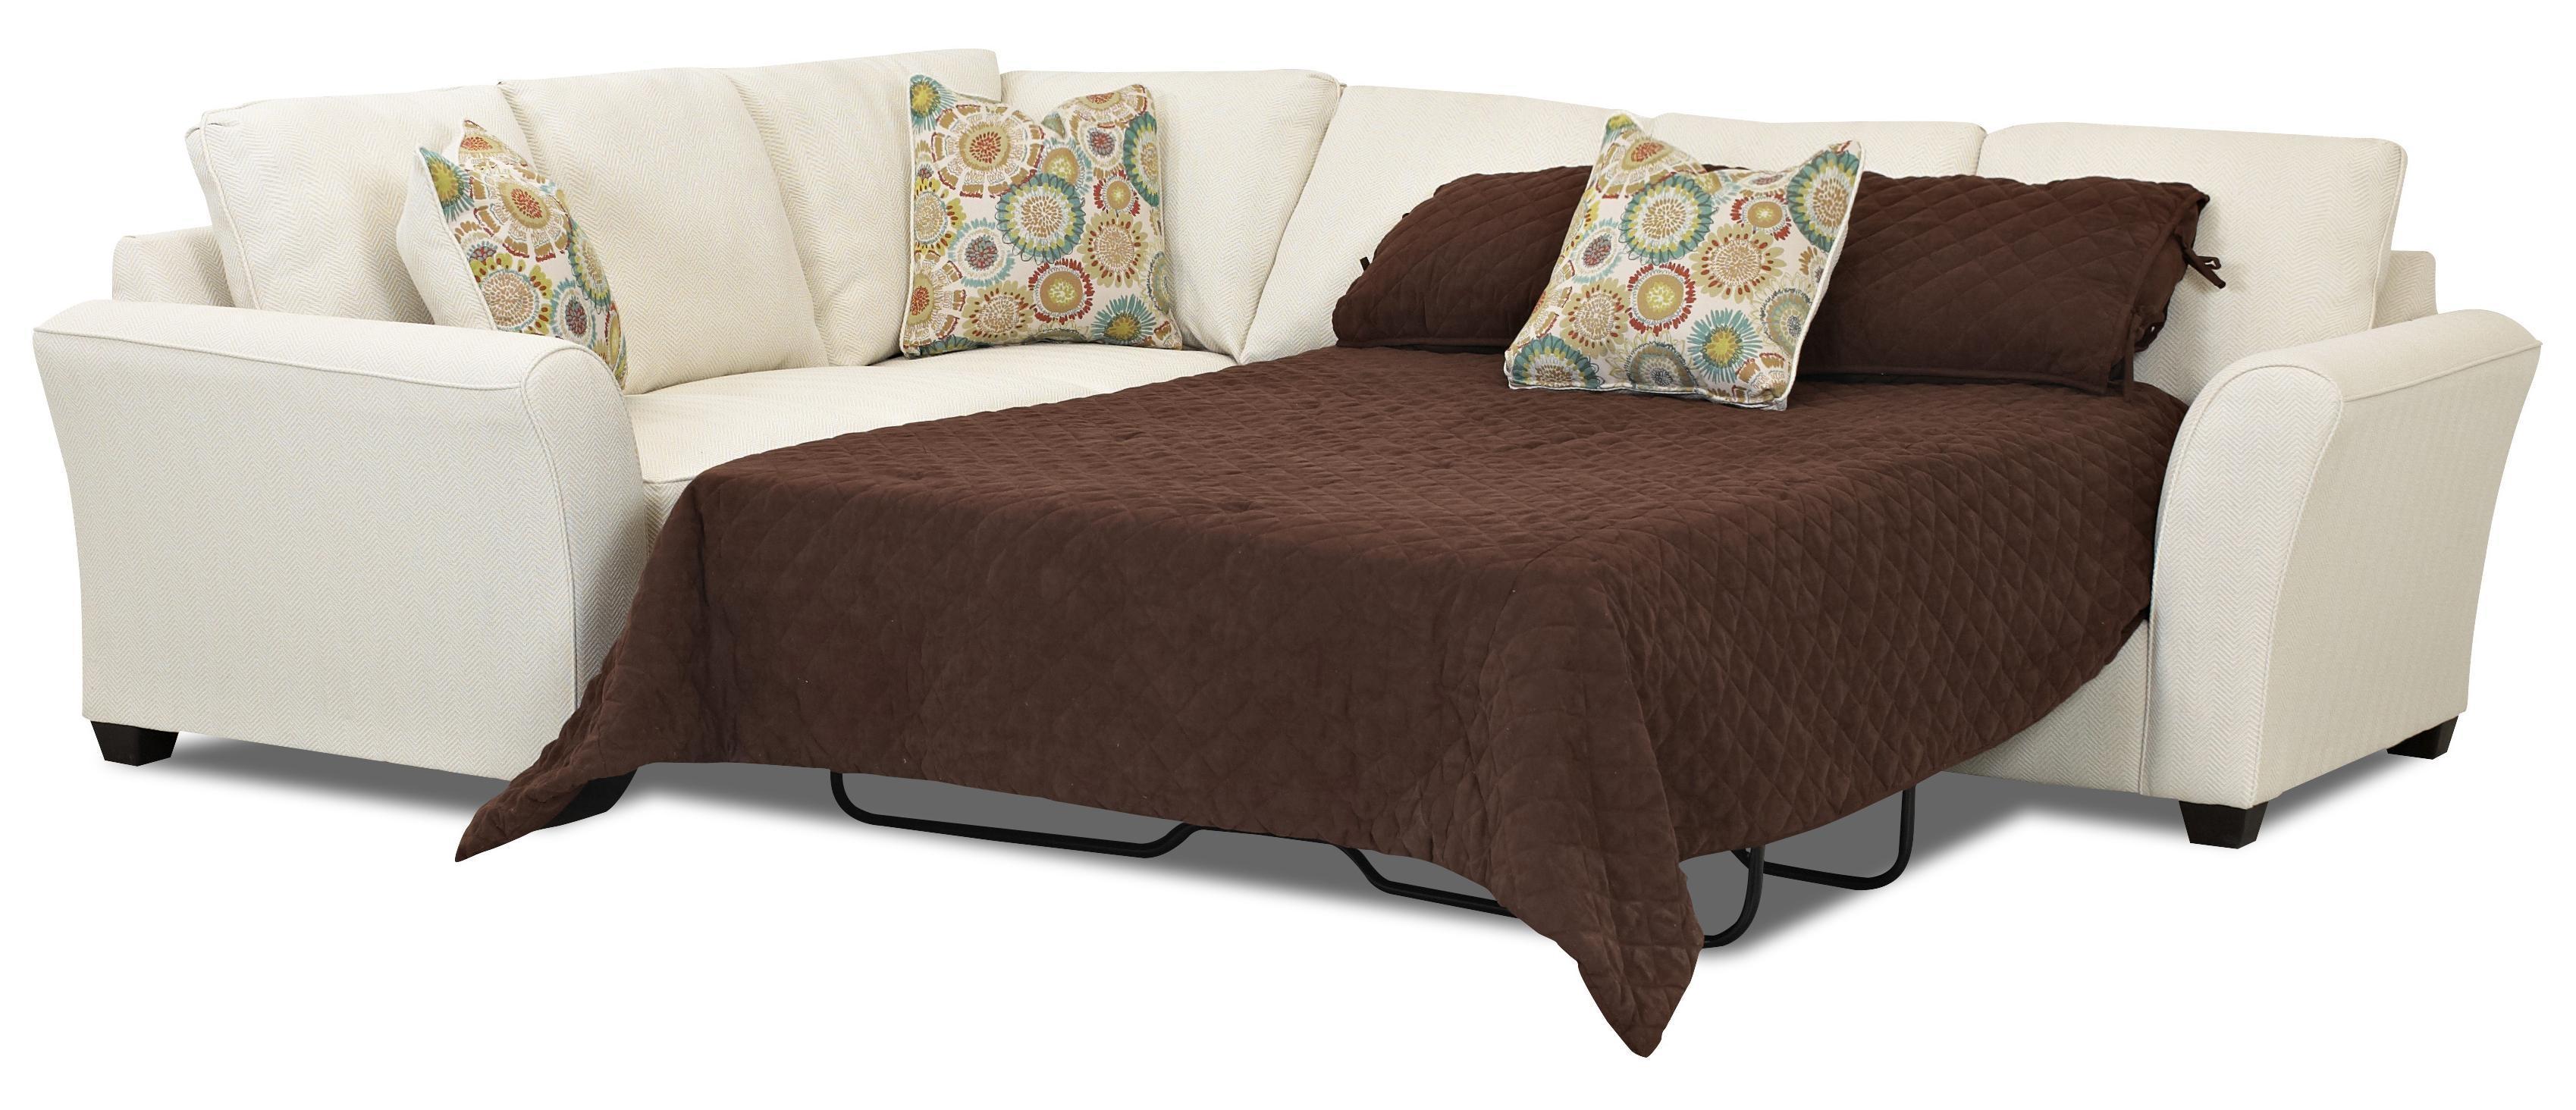 Sofa Sleeper Sofa Covers Stunning Sleeper Sofa Couch Covers Queen Sleeper  Sofa Mattress Cover